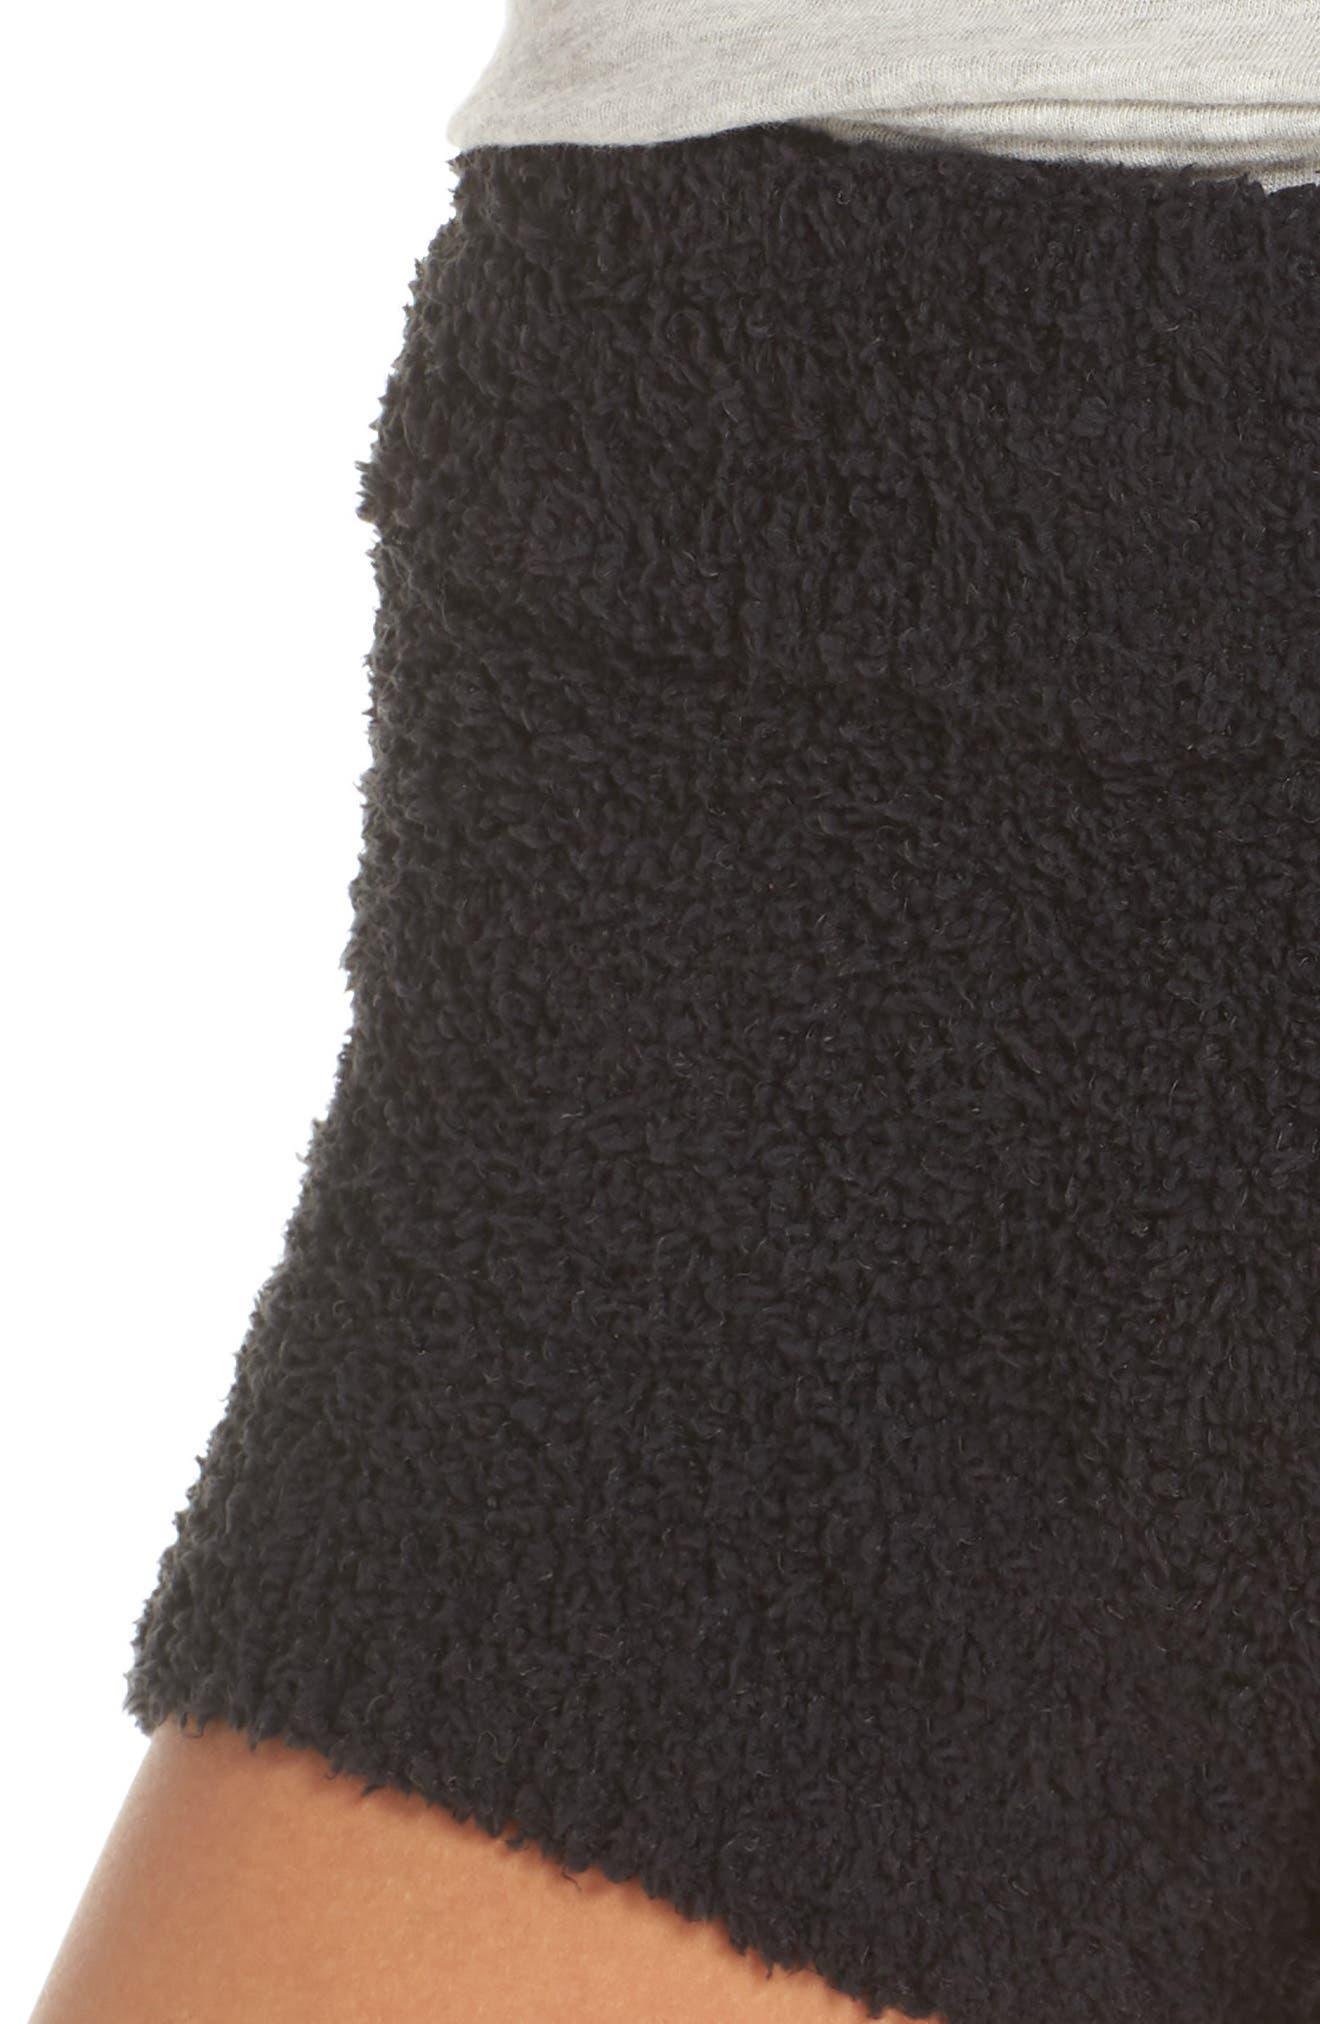 Shilo Shorts,                             Alternate thumbnail 4, color,                             BLACK